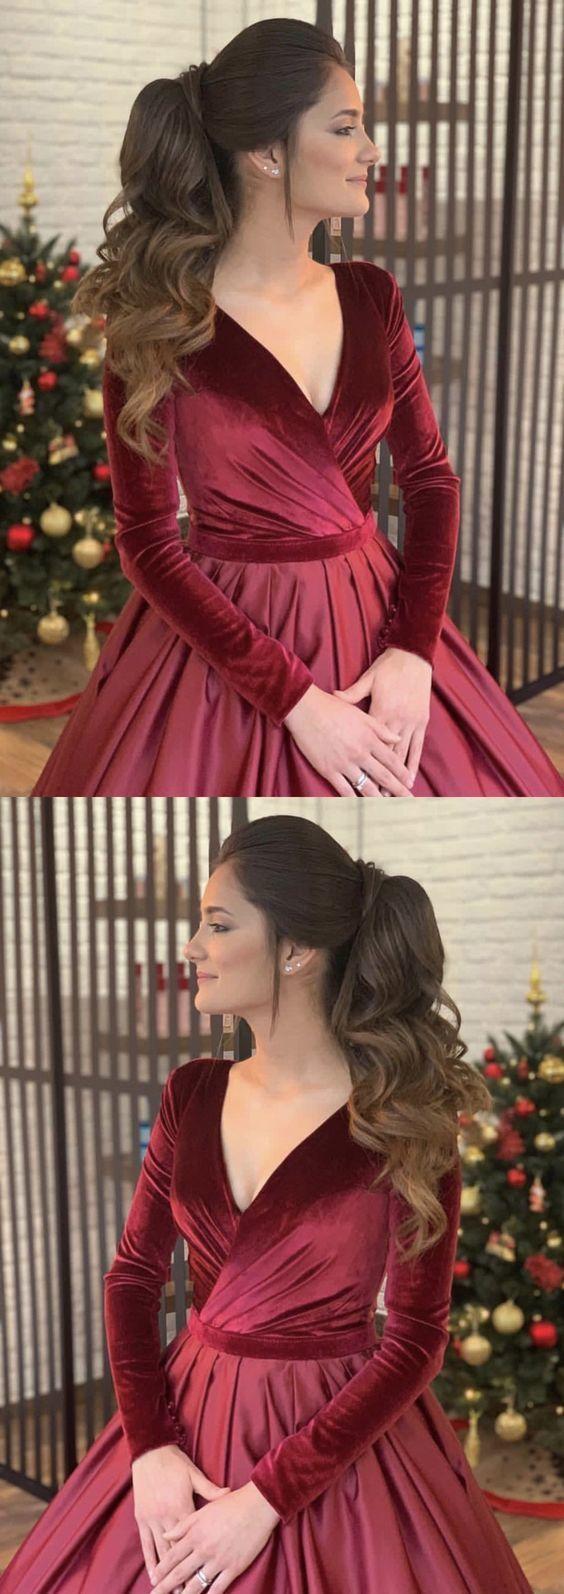 Velvet Evening Dresses,Velvet Ball Gowns,Burgundy Wedding Dresses,Maroon Wedding